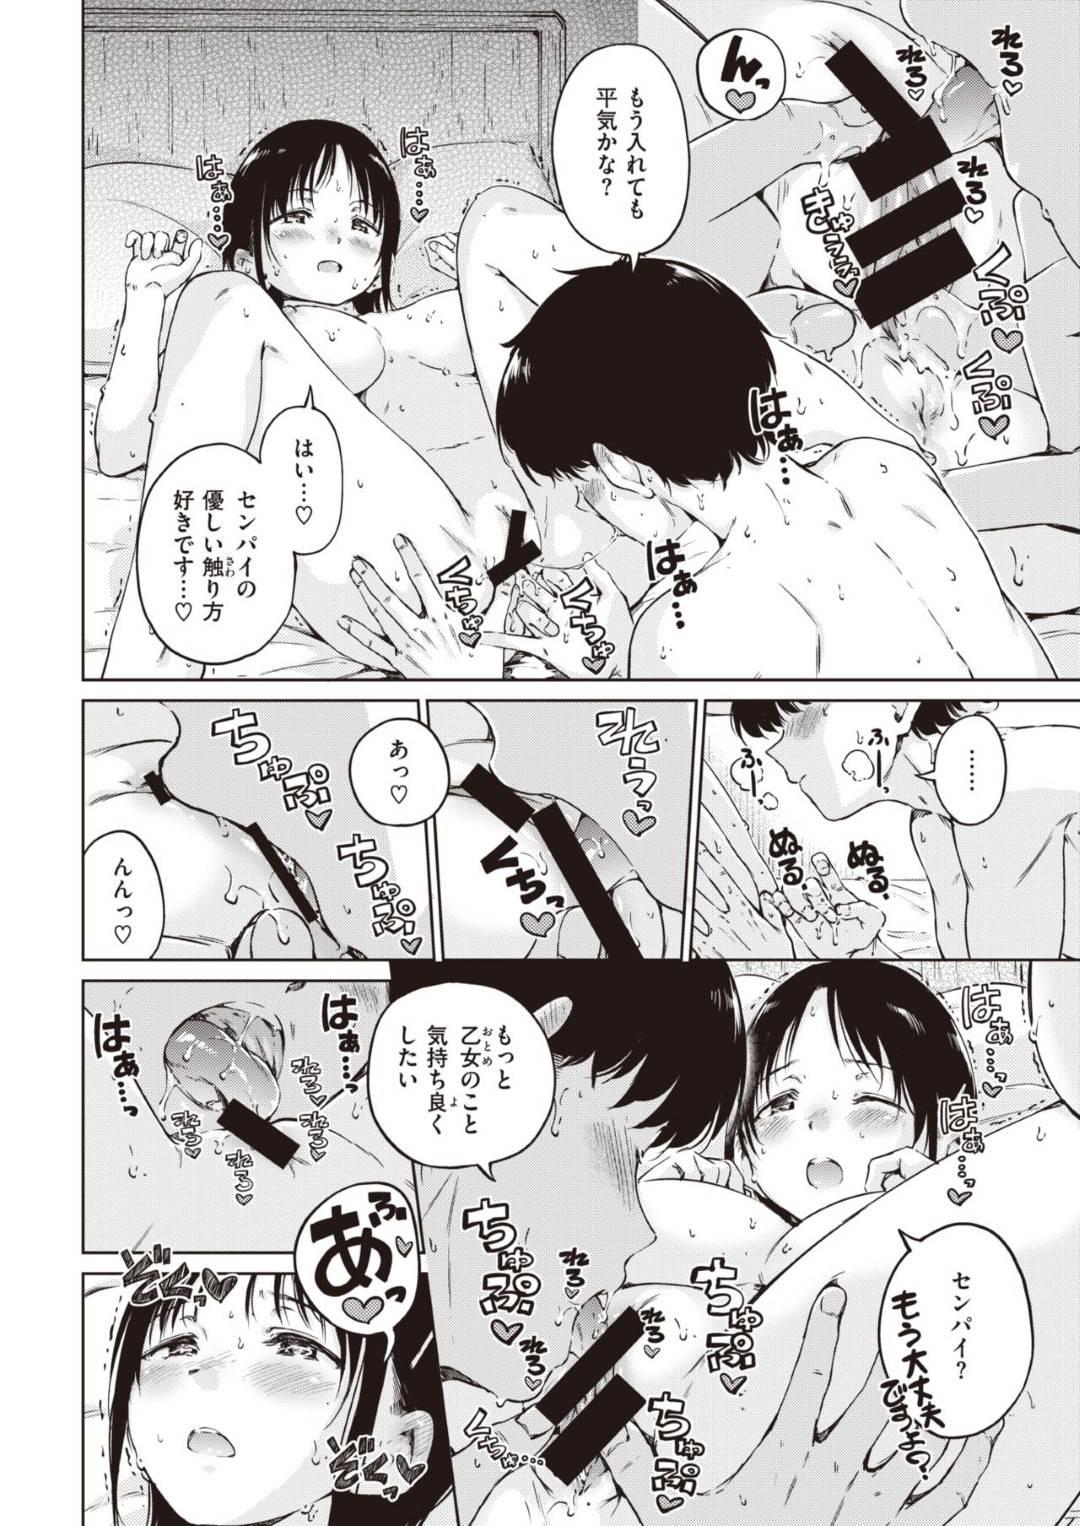 【エロ漫画】かわいい後輩のドSビッチなOL…イチャラブセックスした後に野外セックスばかりをやっちゃう!【Hamao:Over】